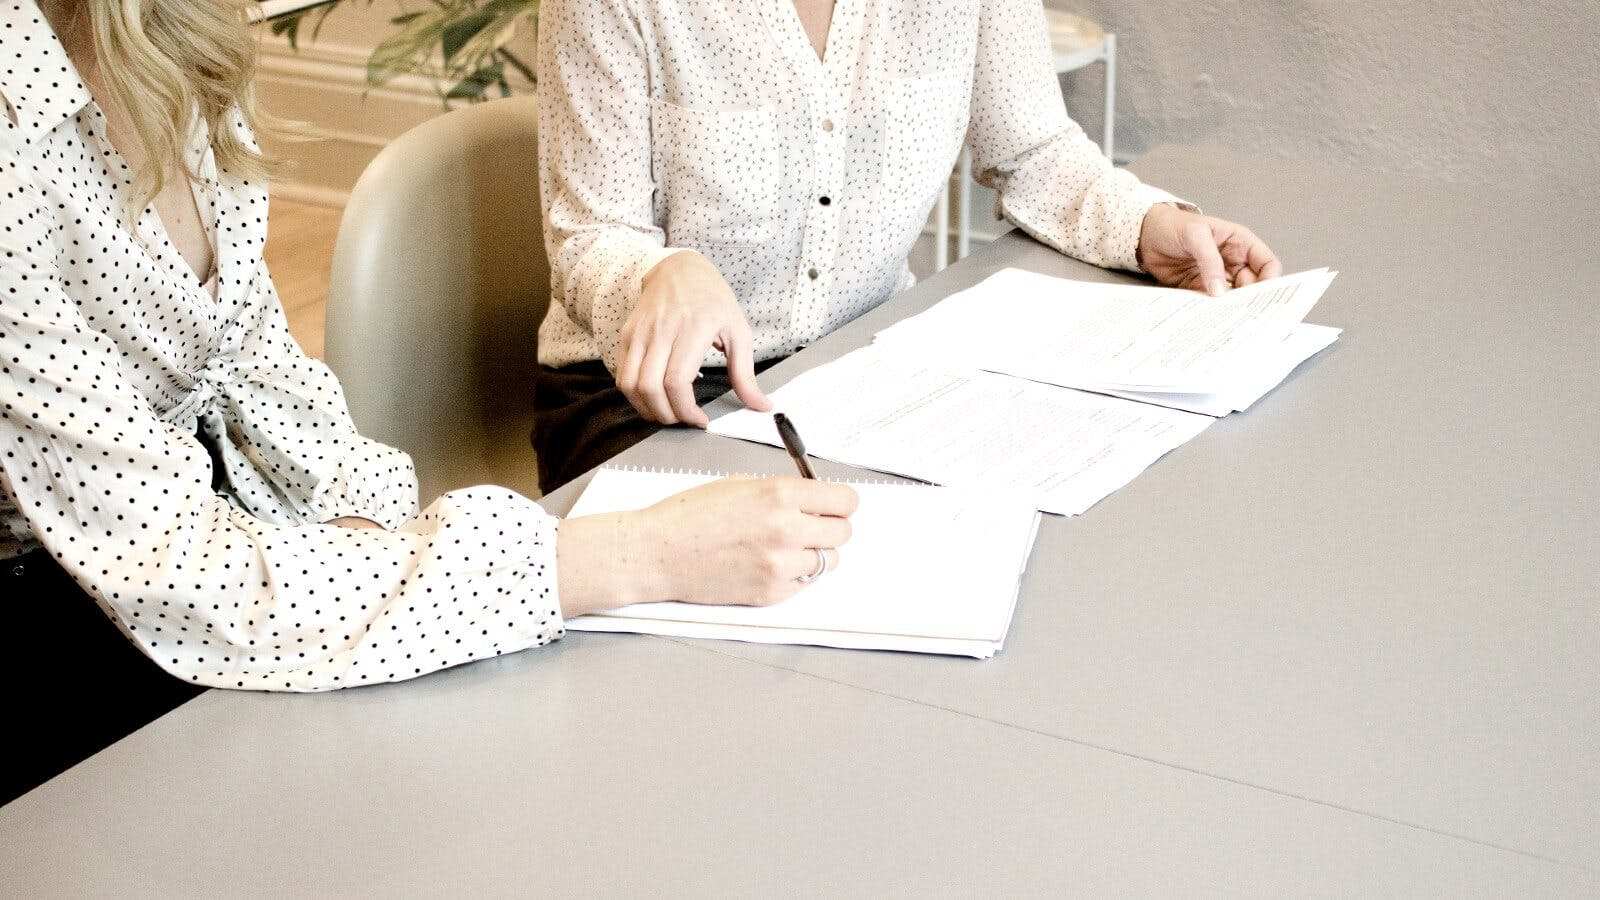 Women in a board meeting